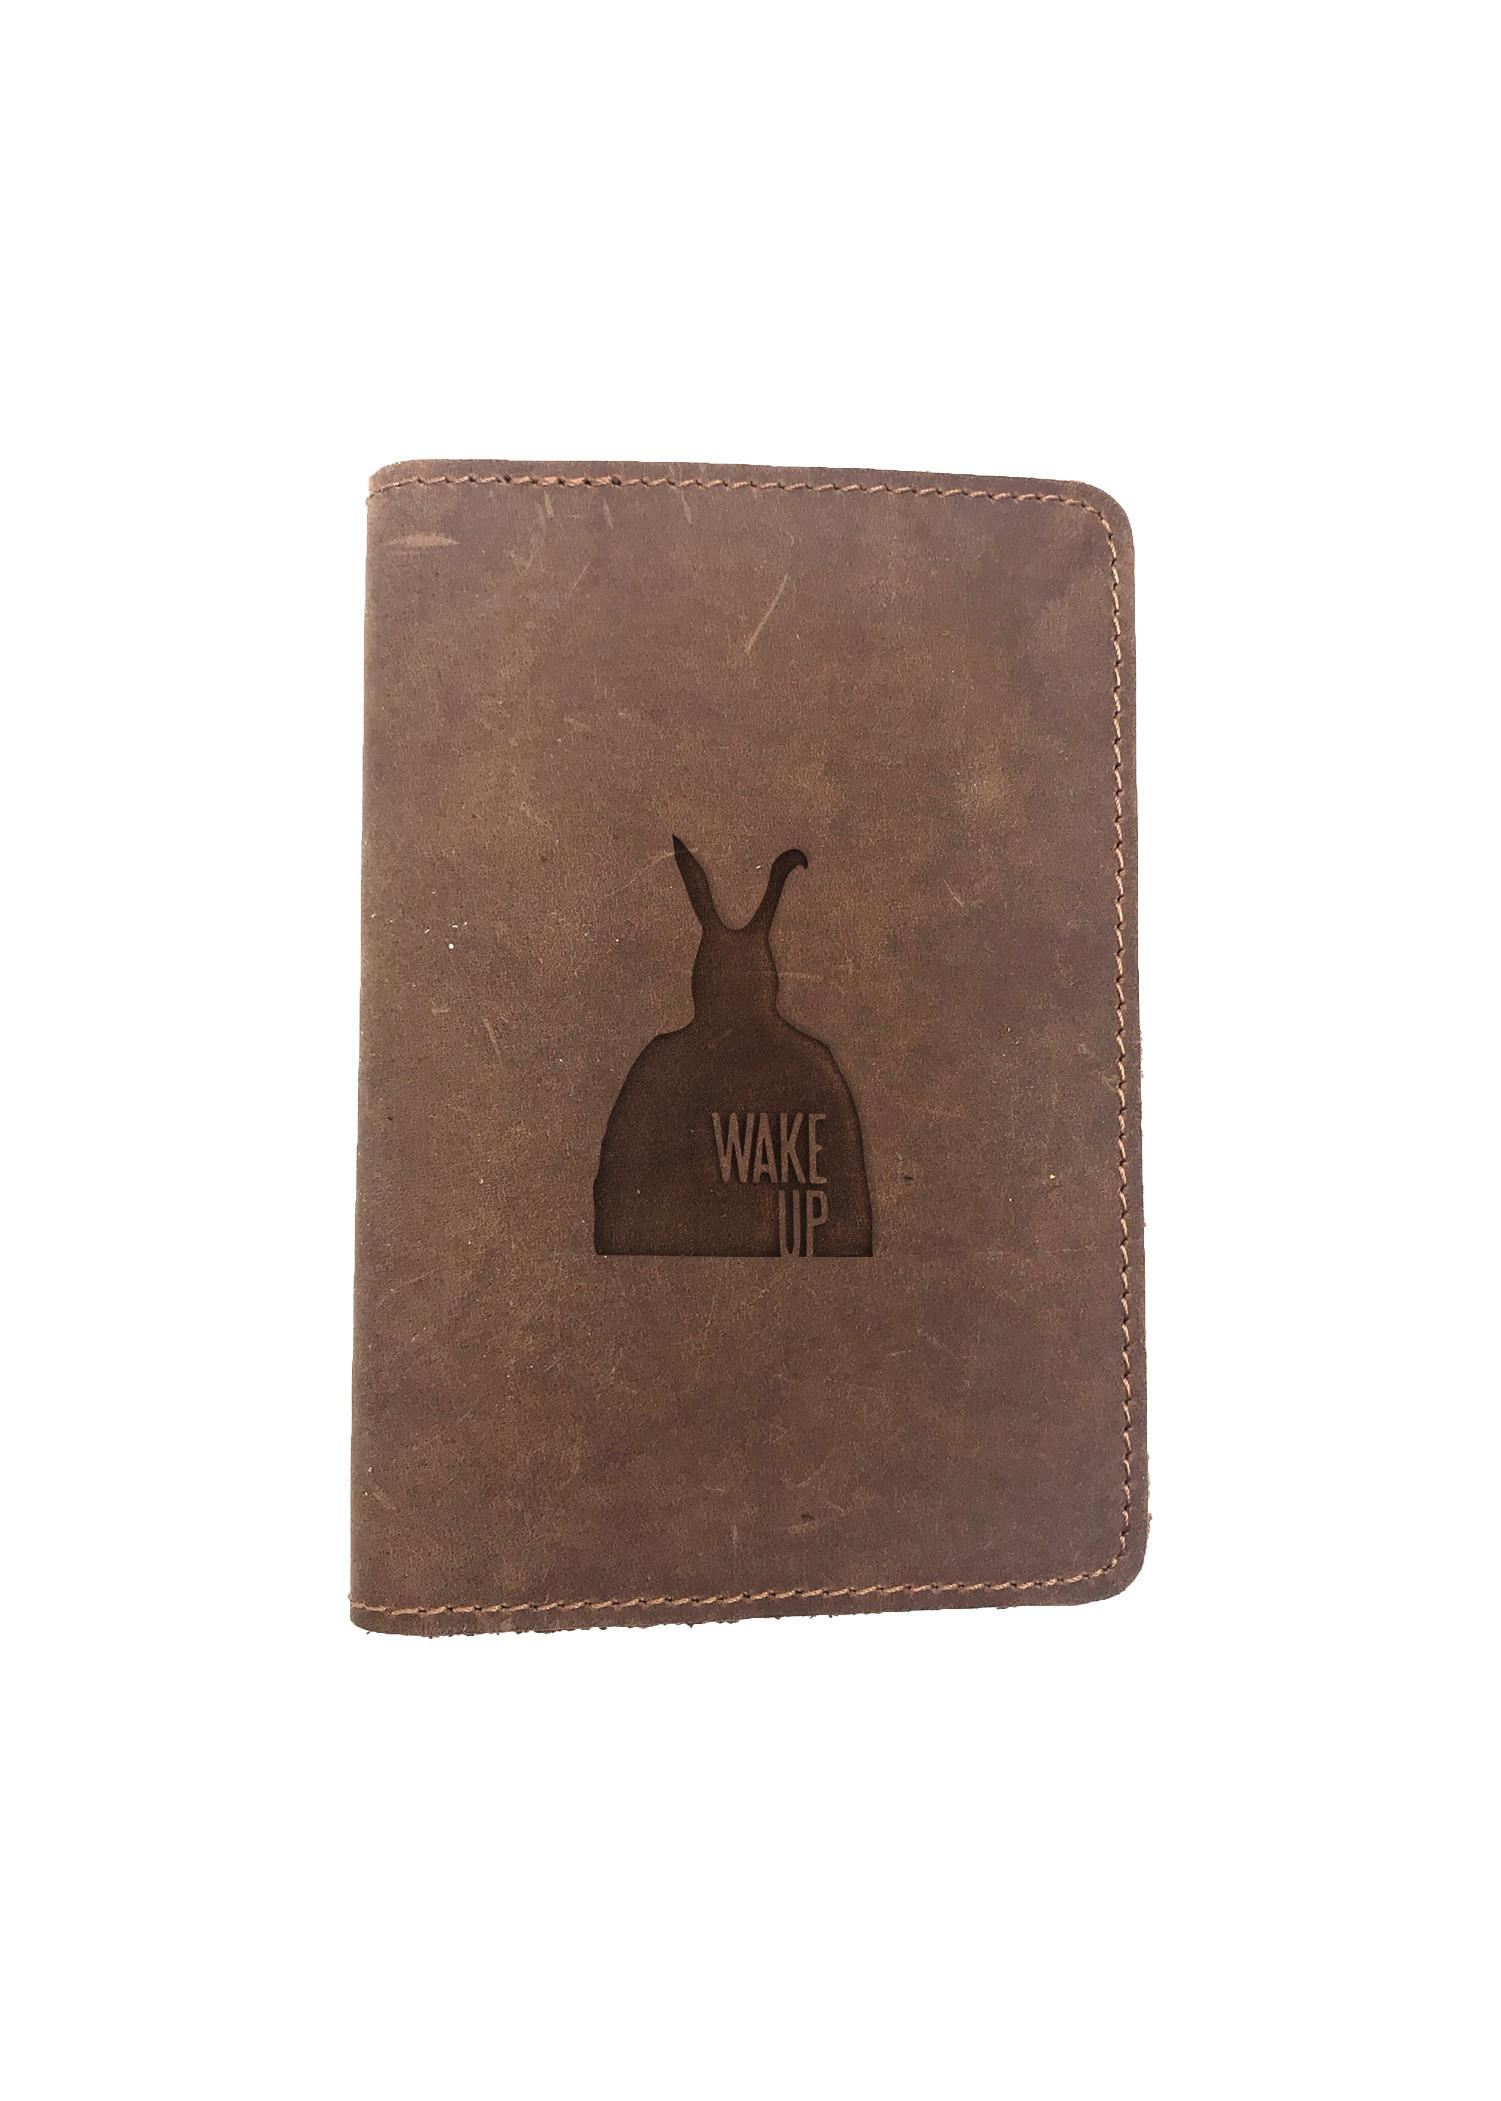 Passport Cover Bao Da Hộ Chiếu Da Sáp Khắc Hình Hình DONNIE DARKO WAKE UP (BROWN)